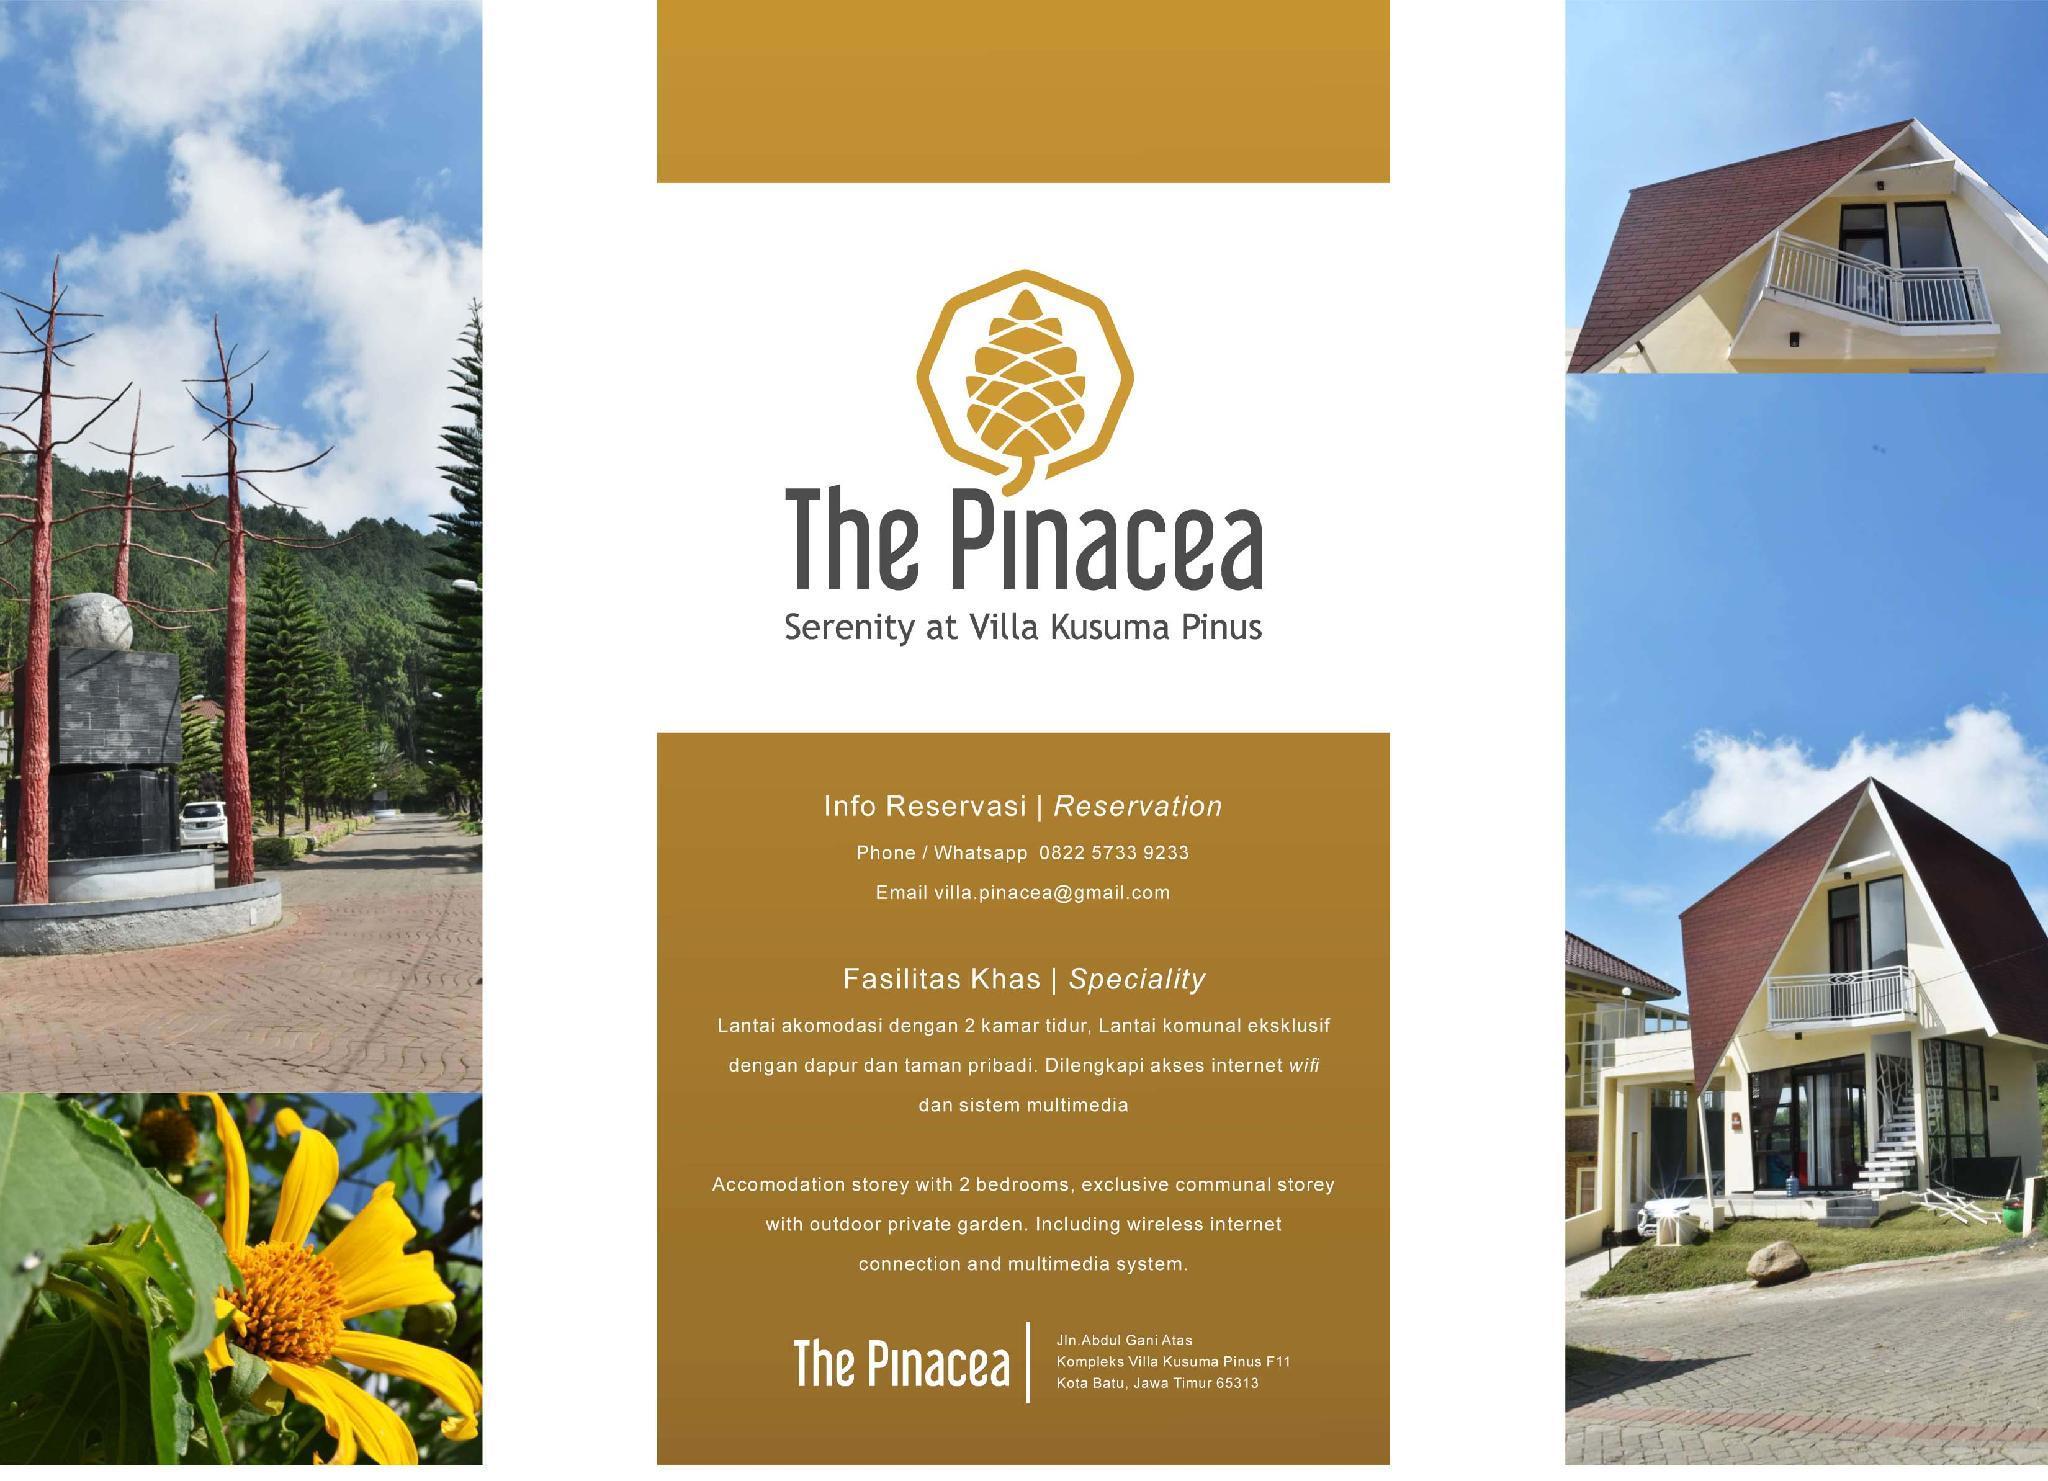 The Pinacea Villa